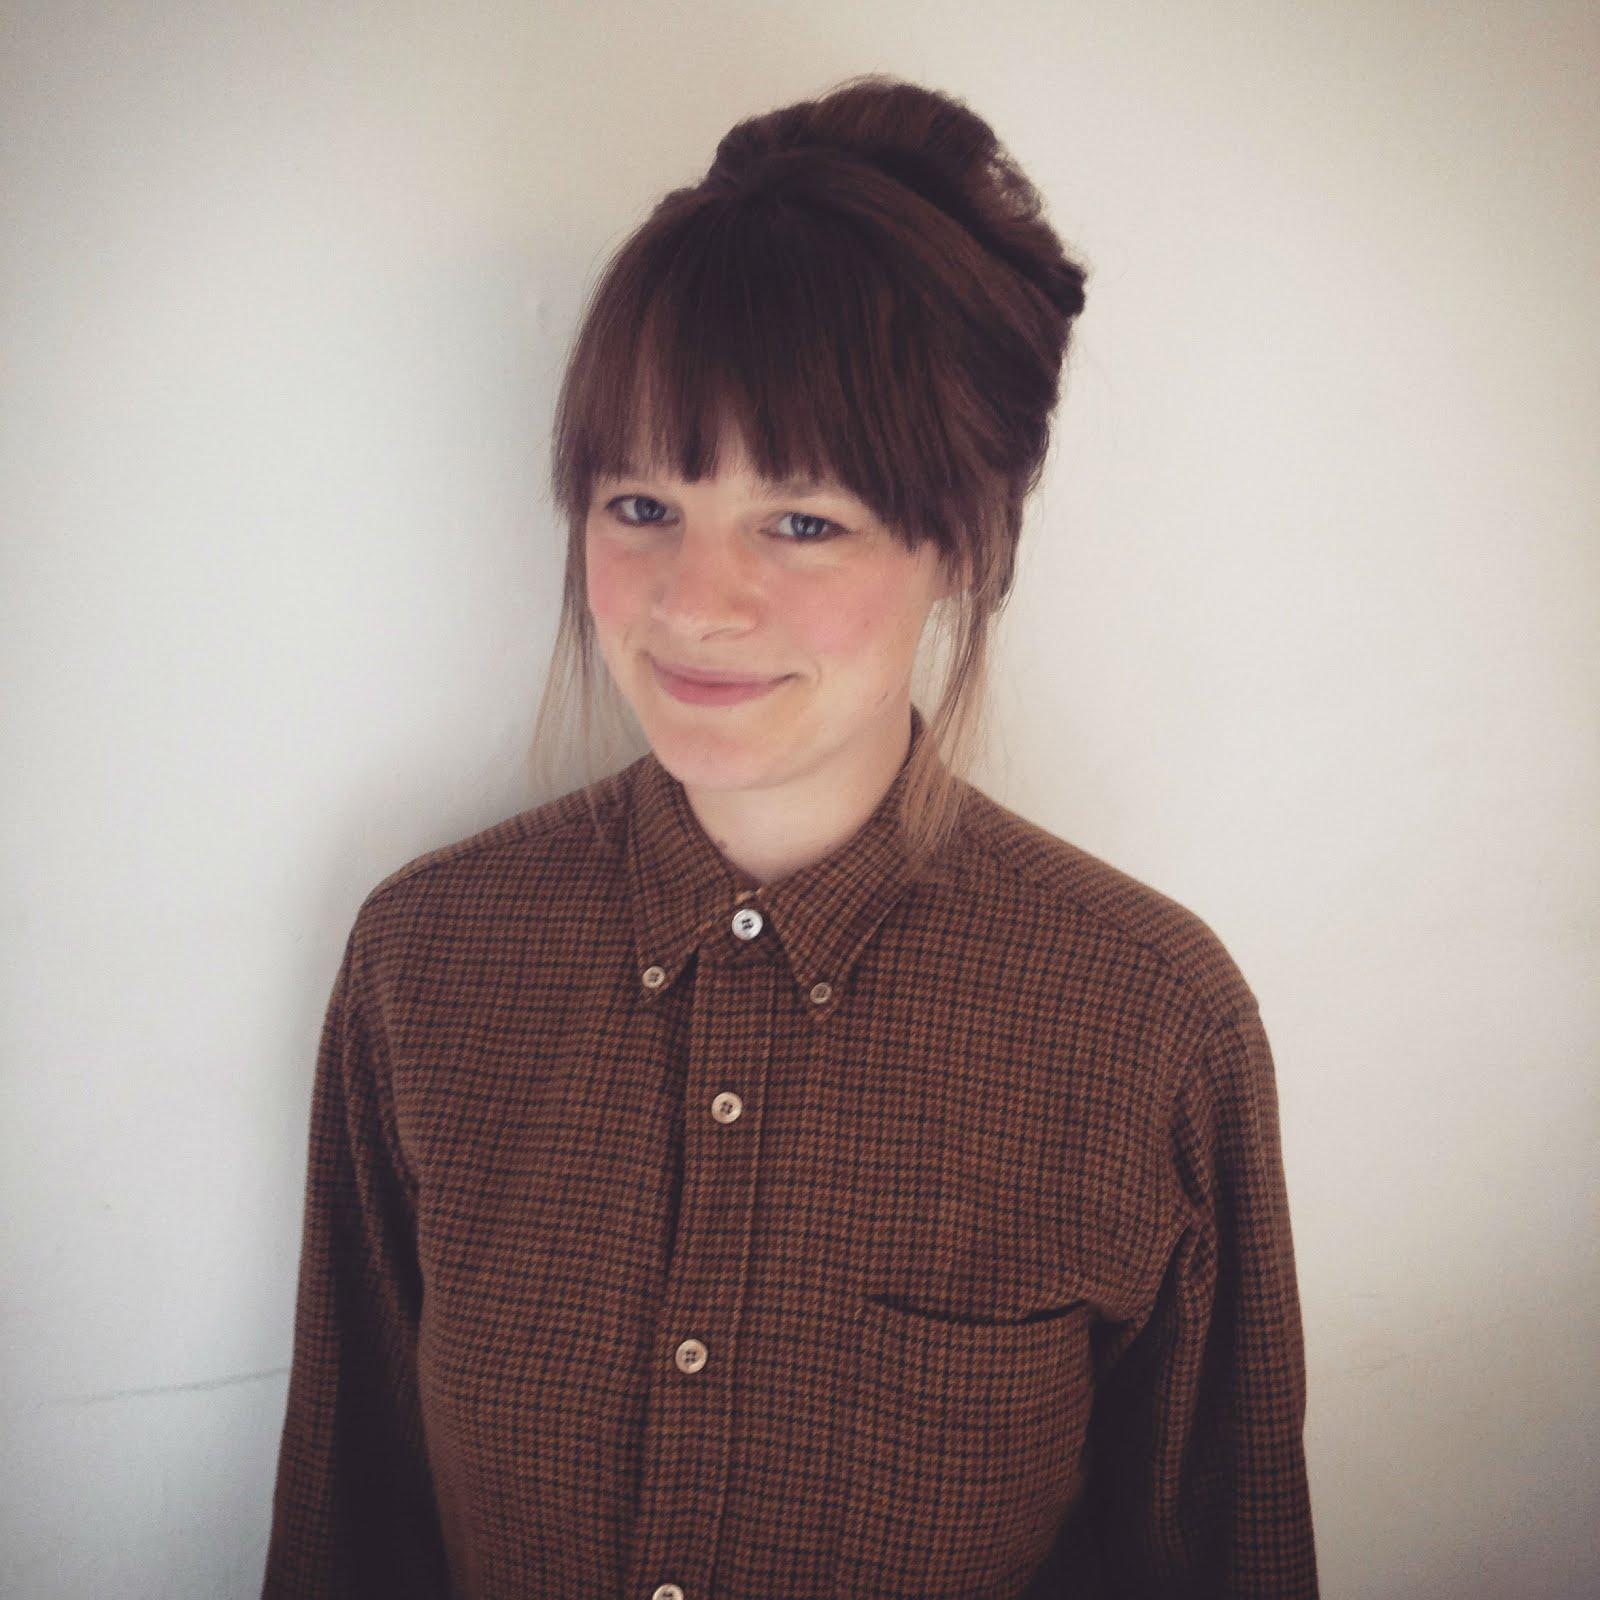 Emma Cardwell